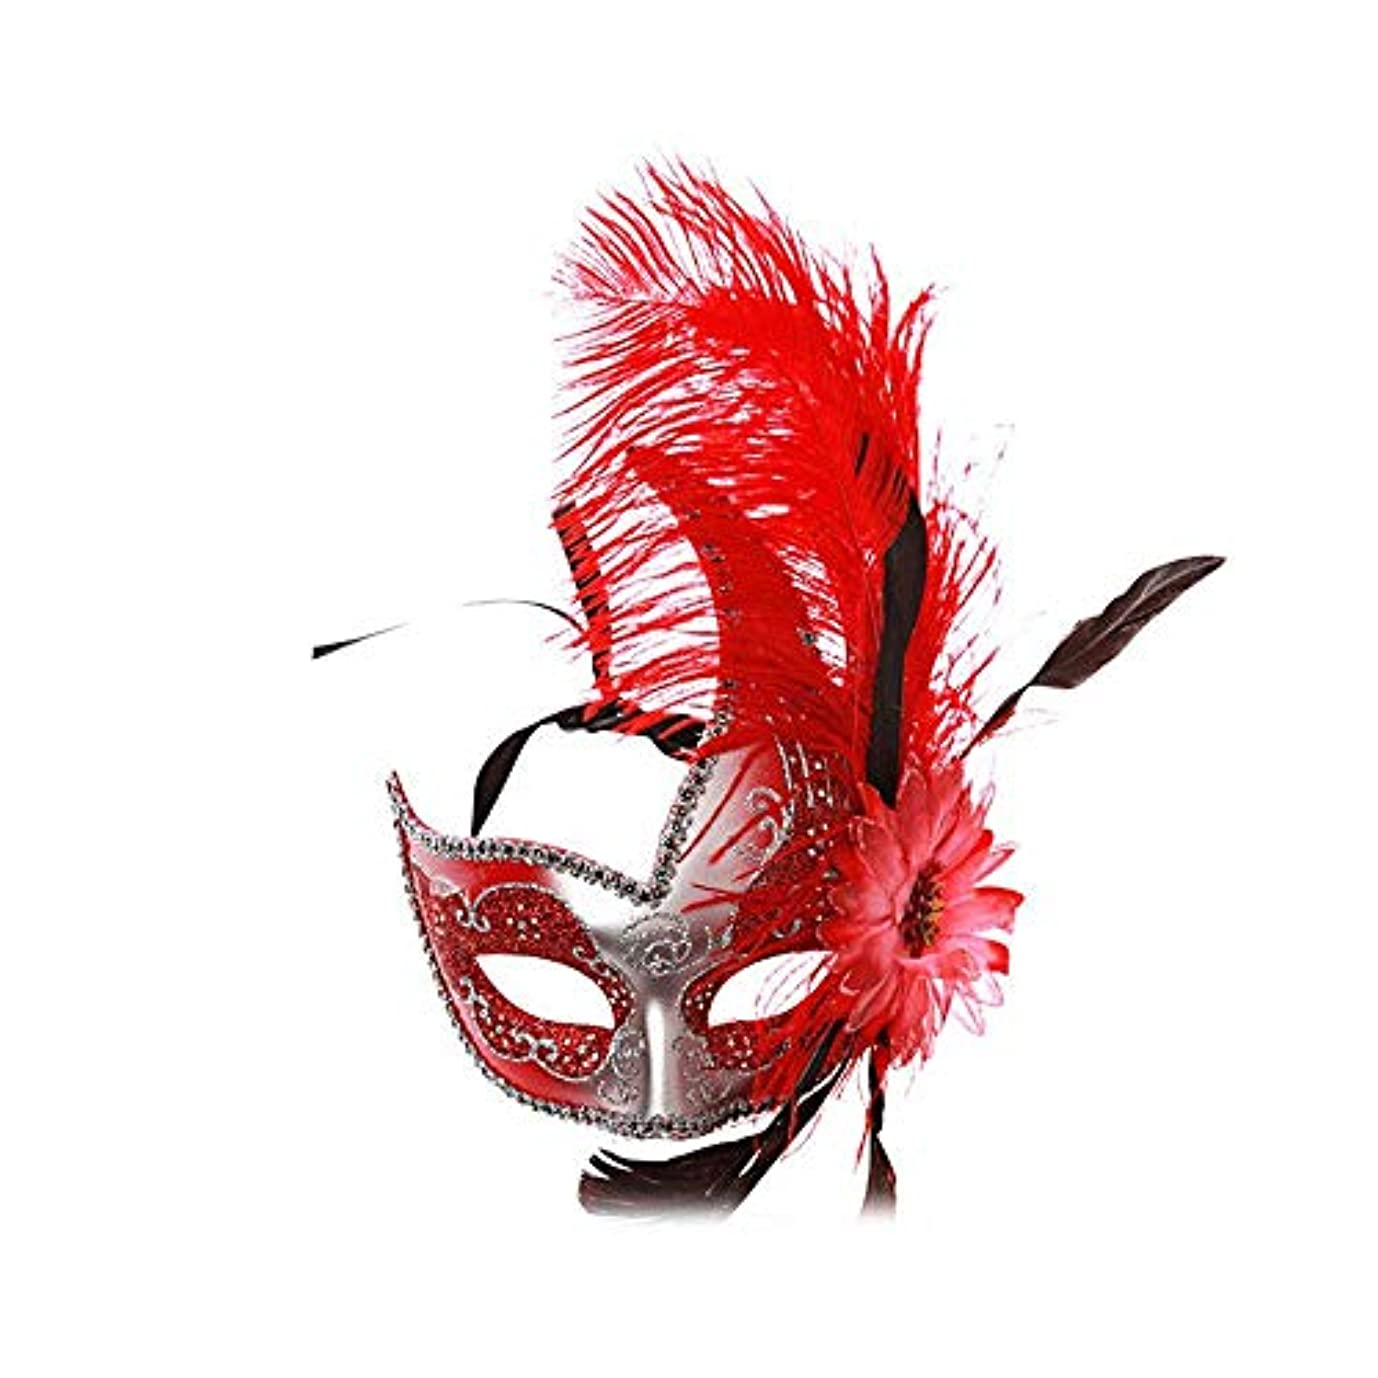 歯悩みフレッシュNanle ハロウィンマスクハーフフェザーマスクベニスプリンセスマスク美容レース仮面ライダーコスプレ (色 : Style B red)